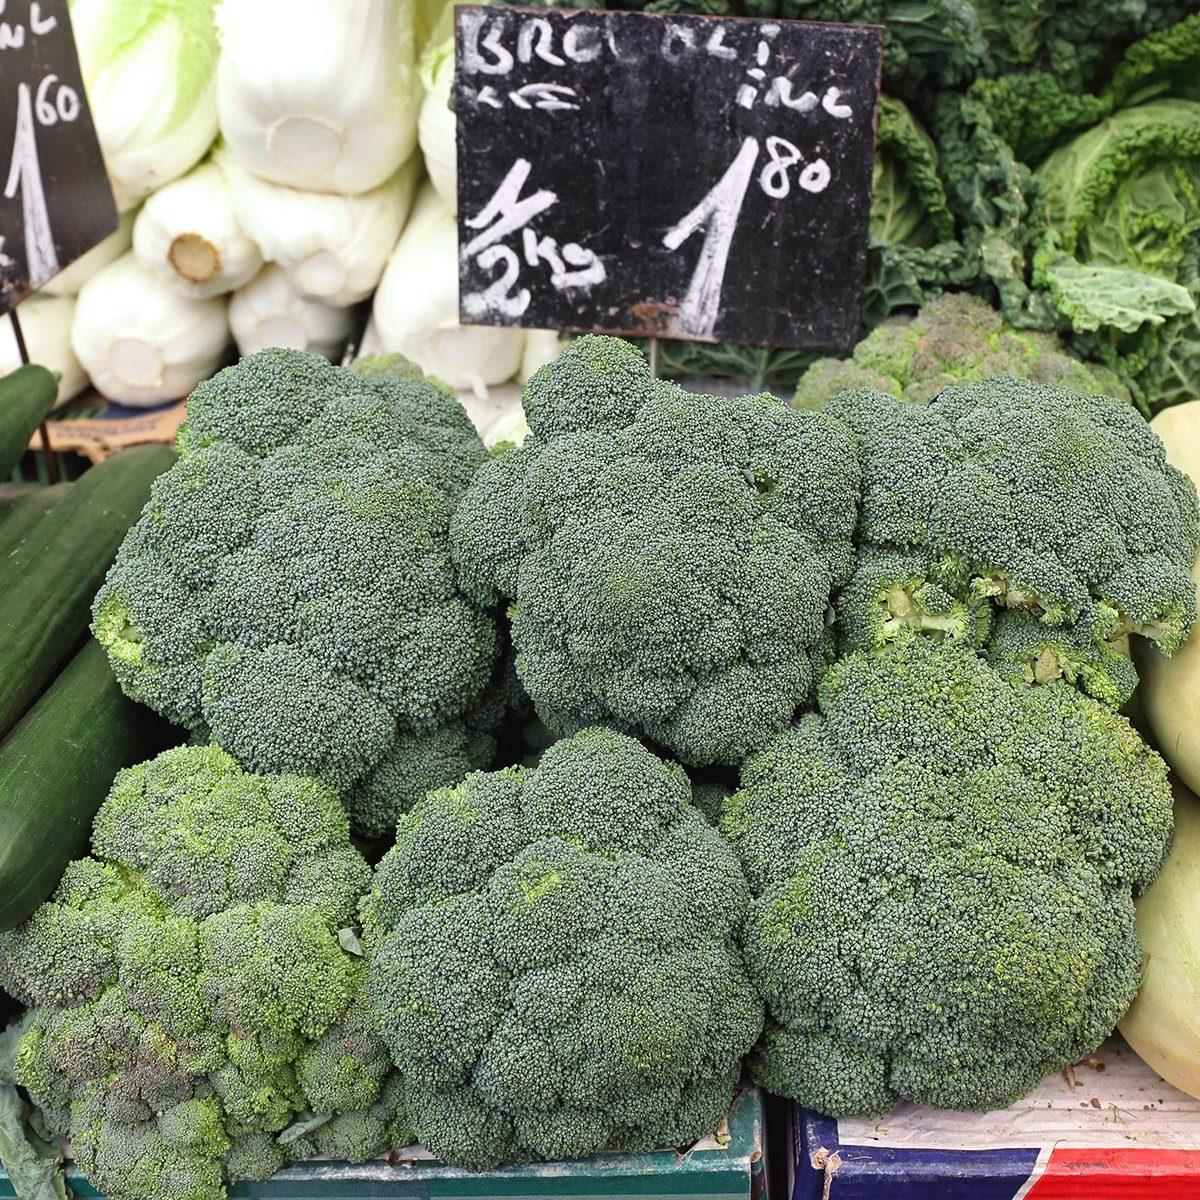 Fresh Broccoli at Farmers Market Stall; Shutterstock ID 400292143; Job (TFH, TOH, RD, BNB, CWM, CM): TOH